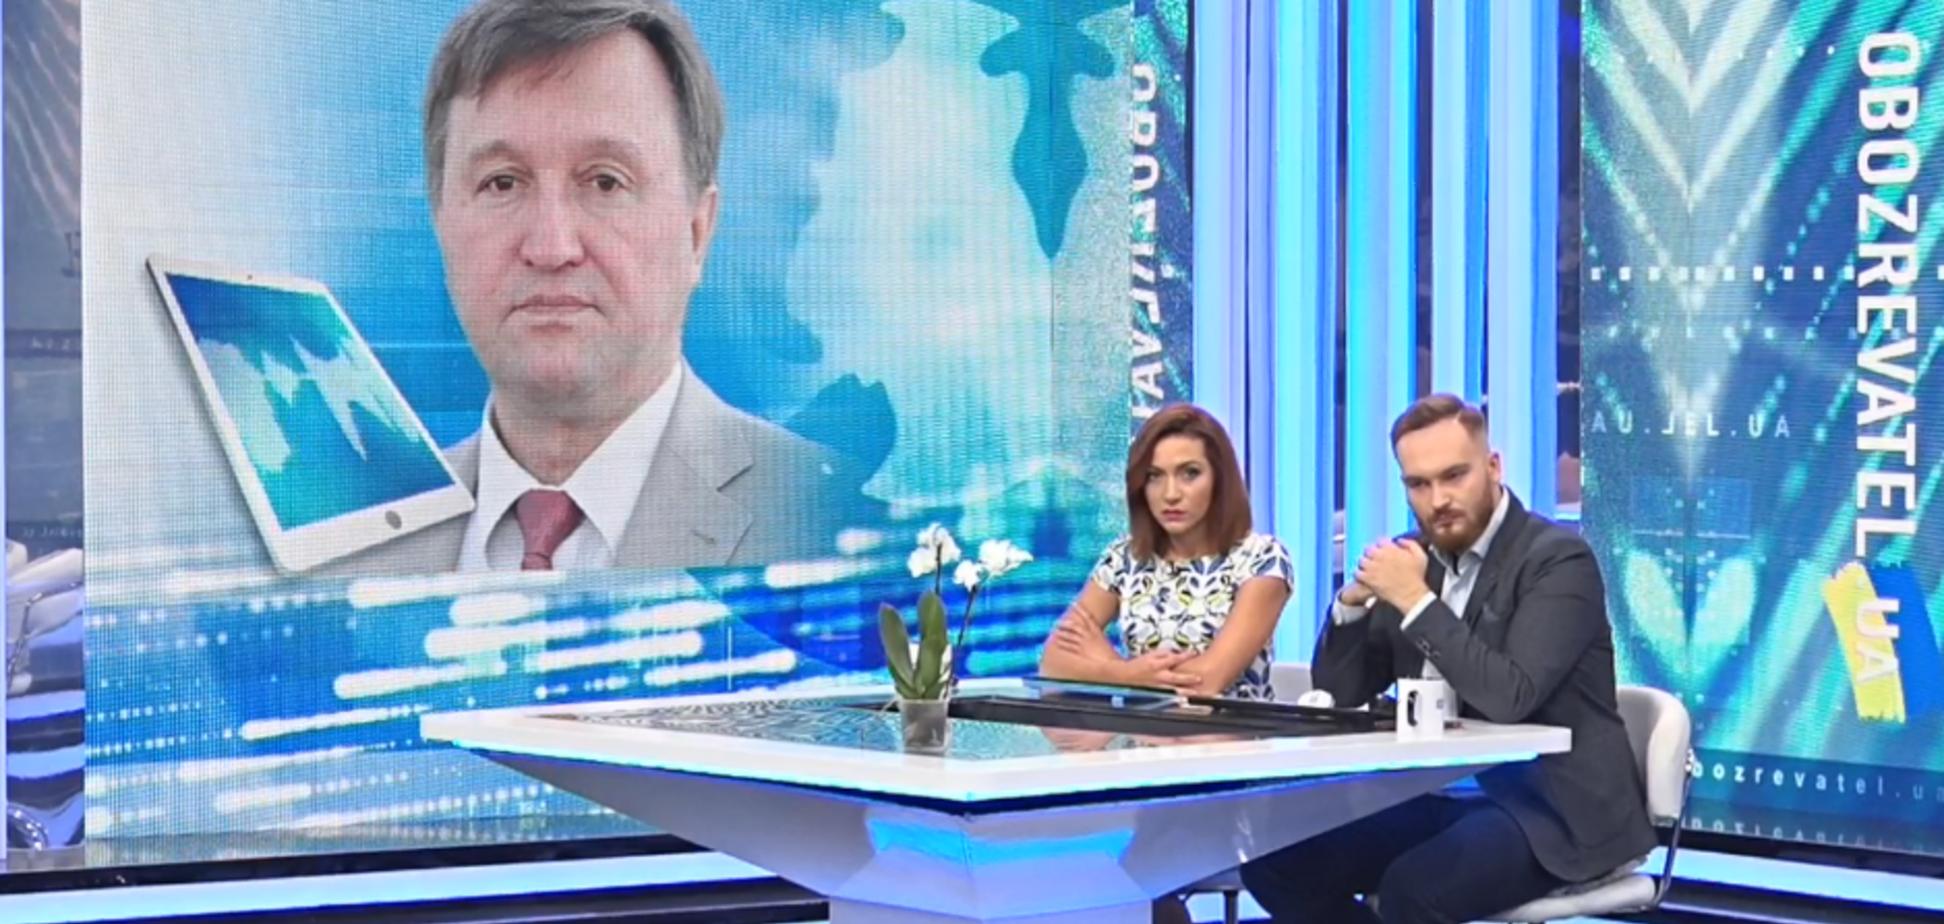 При подготовке к вступлению в НАТО и ЕС у Украины появятся ориентиры стандартов - Джердж